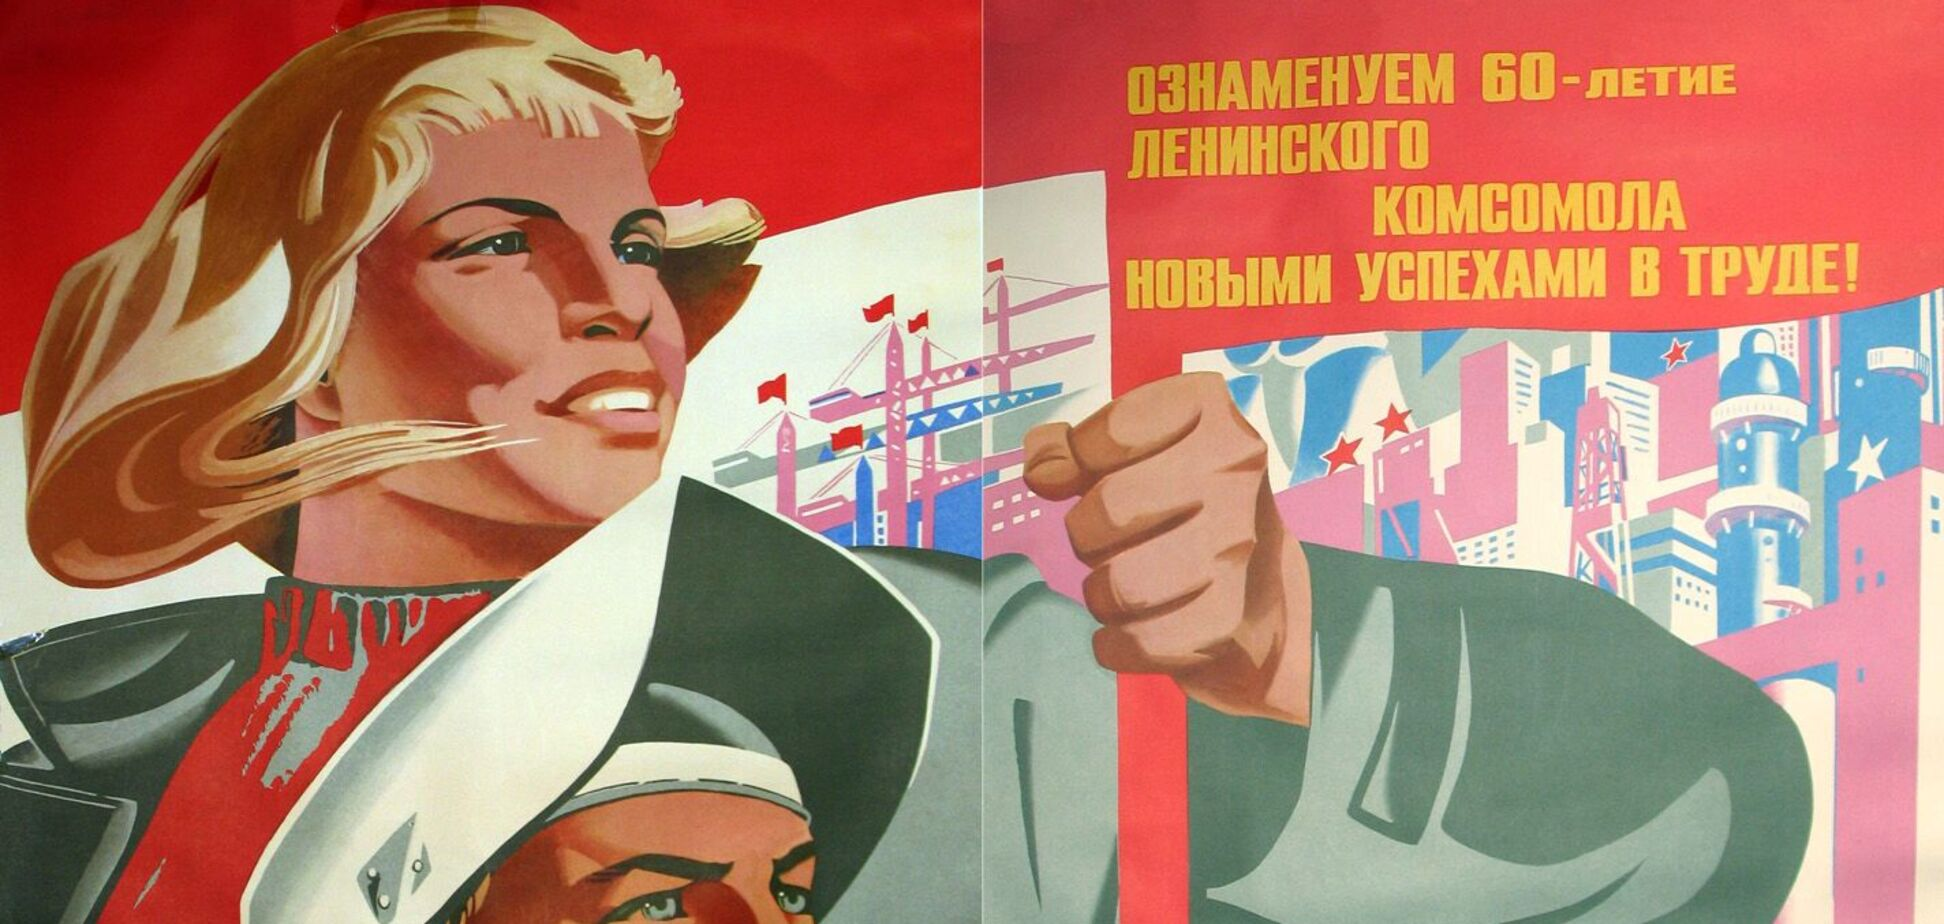 Миф о том, что 'Москва кормила СССР'